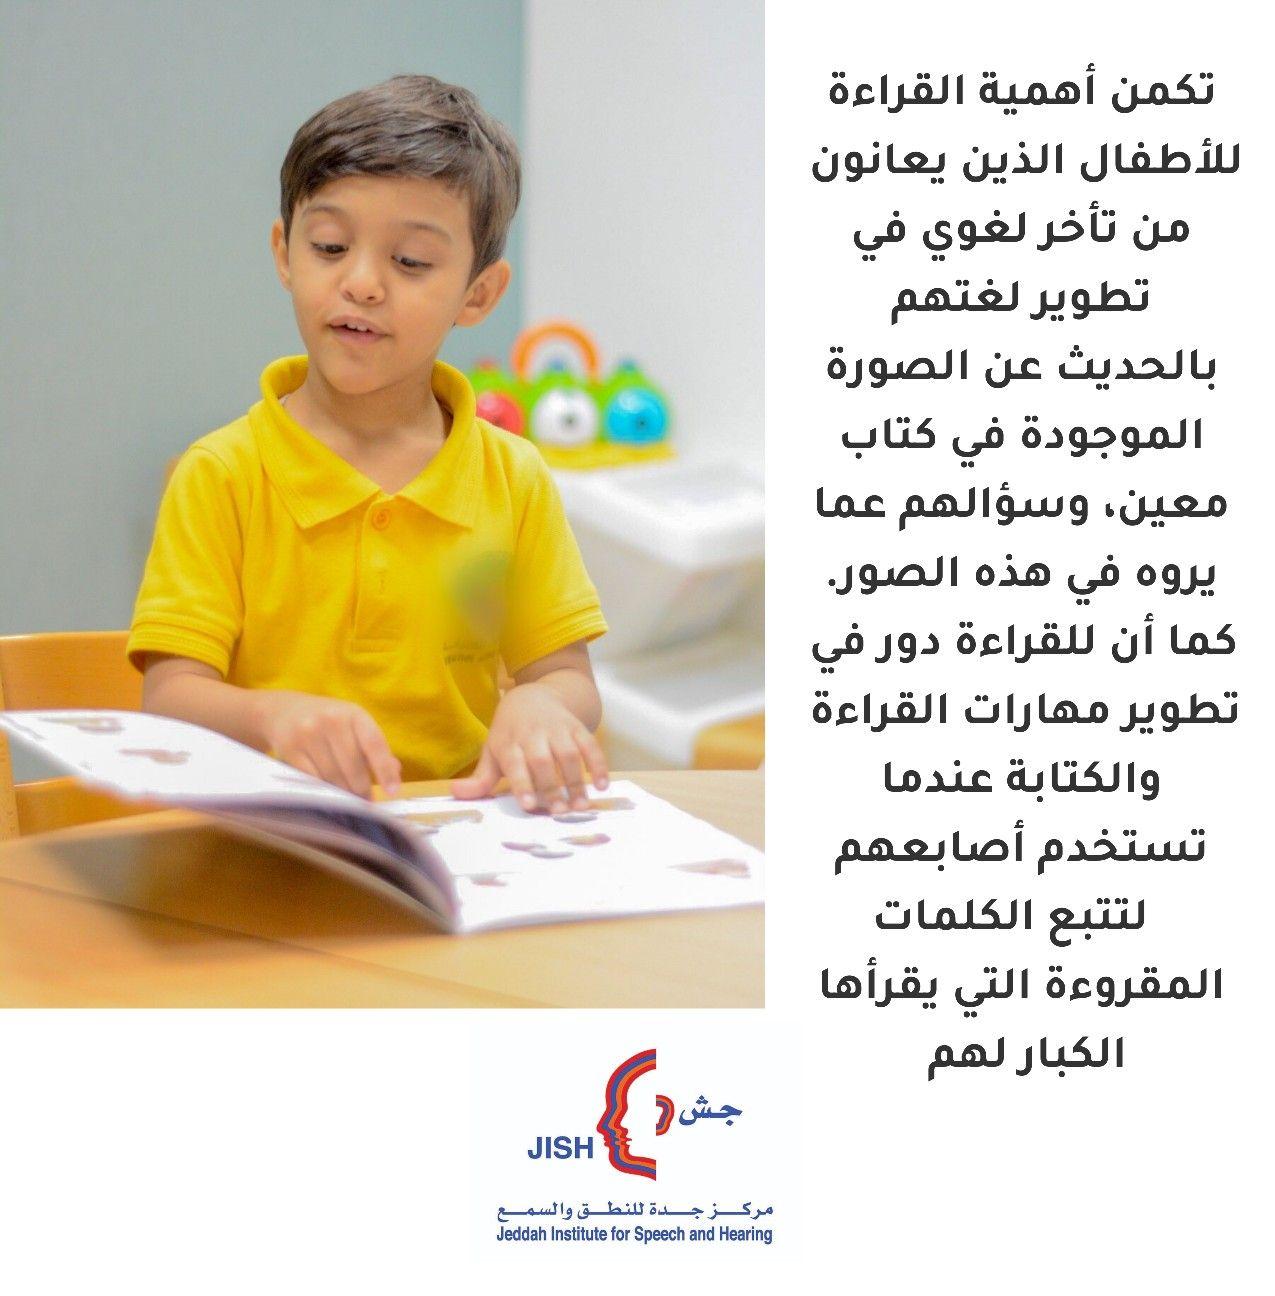 قراءة القراءة مهاراتي مهارات لغة الاشارة لغتي لغة الطفل تأخر اللغة الكتابة التخاطب تطوير الذات تطوير مهارات الطفل مه Speech Therapy Speech Therapy